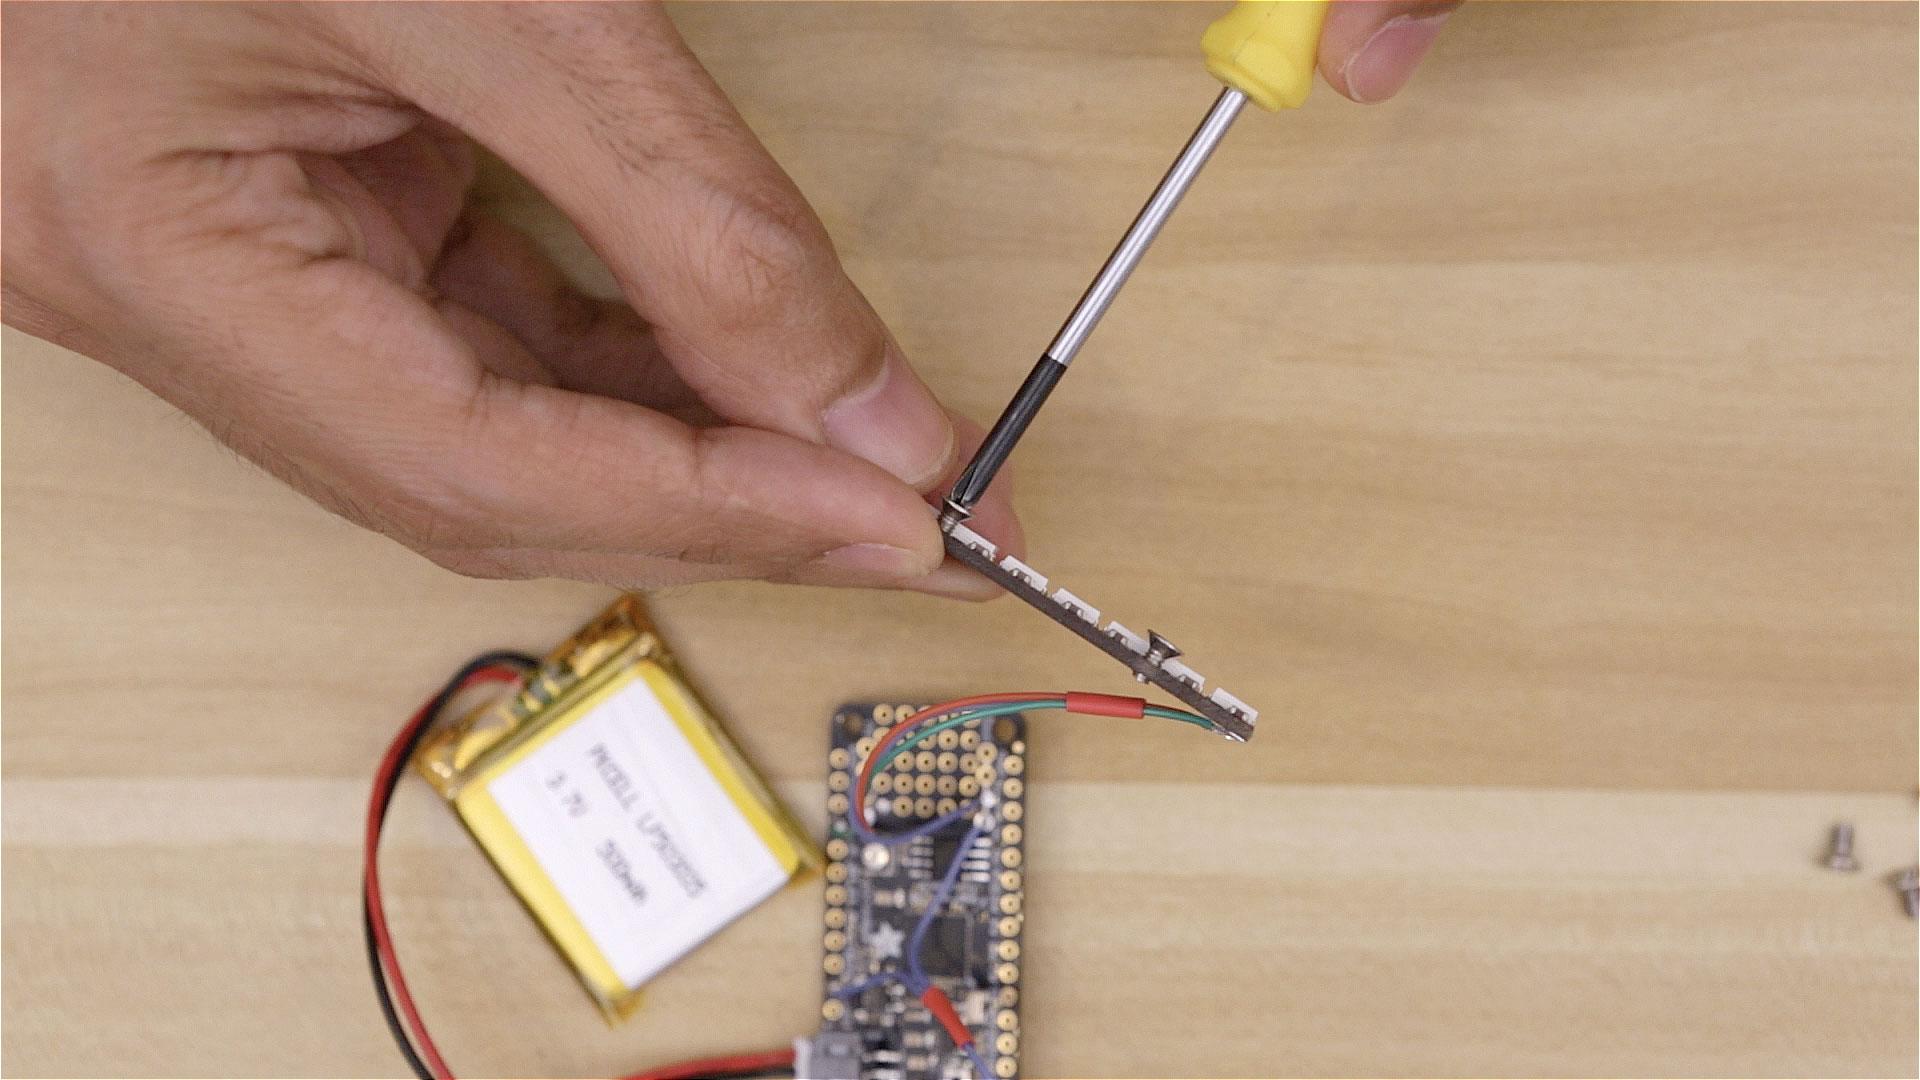 led_pixels_neopixel-tap-screw.jpg